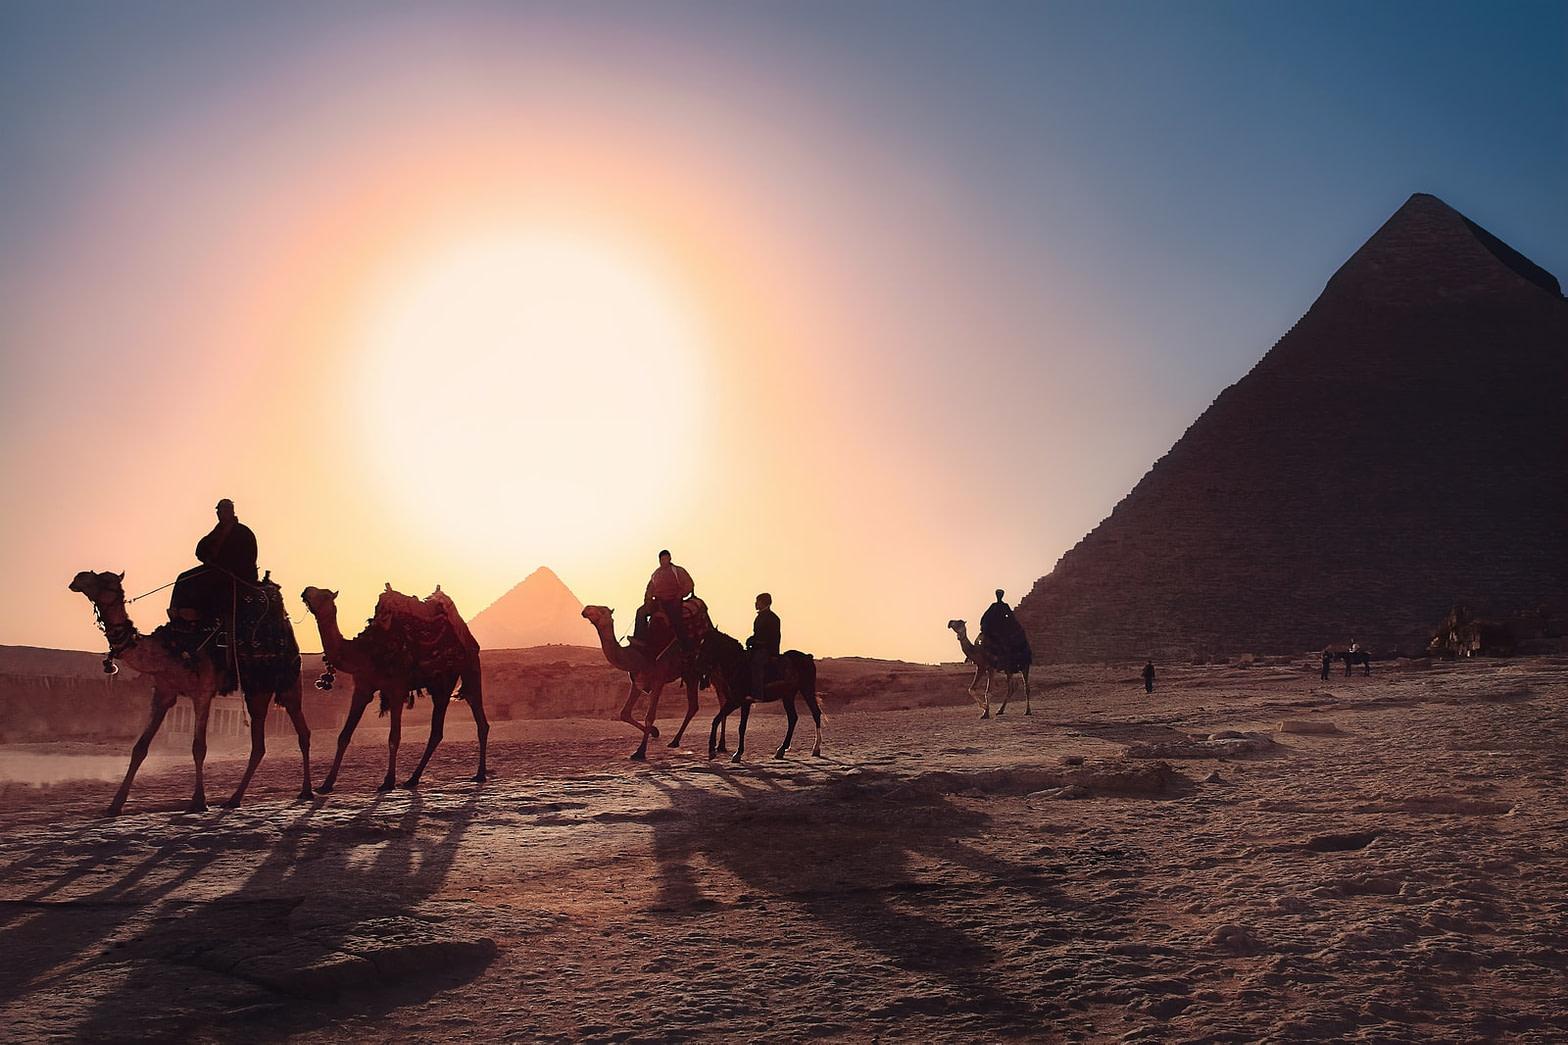 معلومات عن الرحلات من الرياض الى القاهرة